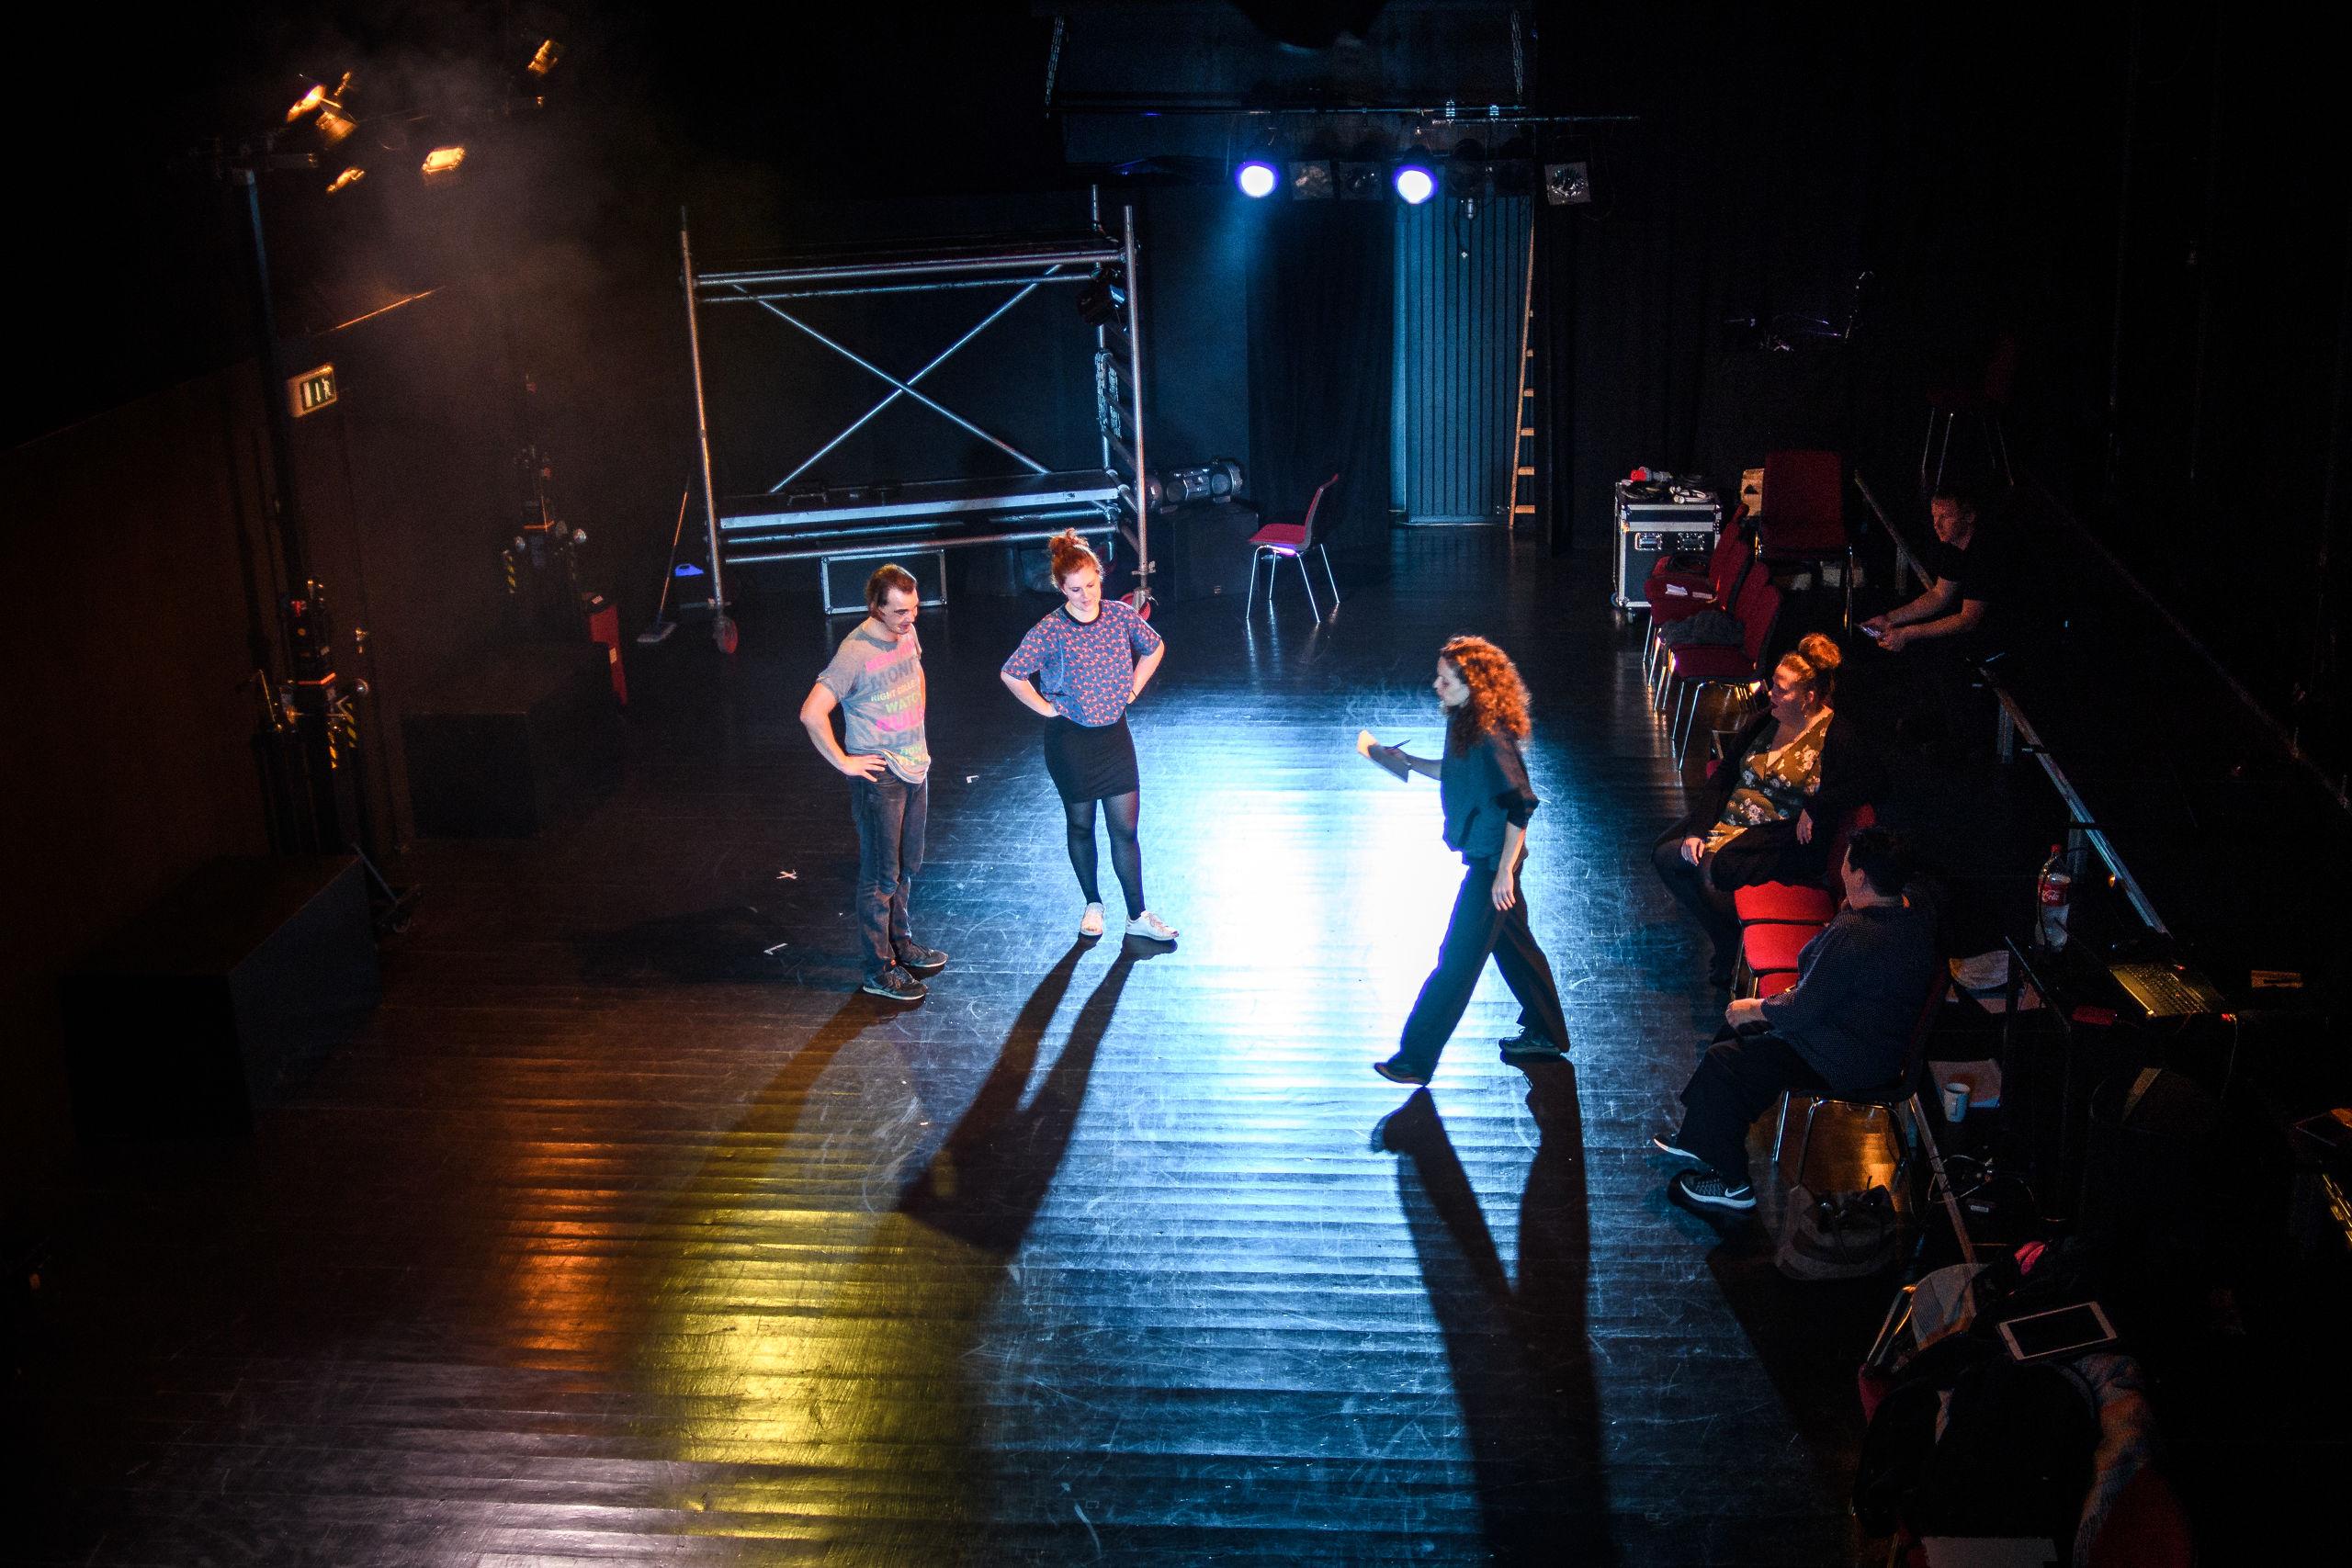 """Der øves koncentreret. Skuespillerne får god støtte af både stemme coach, professionelle musikere og en professionel instruktør, inden opførelsen af """"Det´os."""" Foto: Nicolas Cho Meier"""